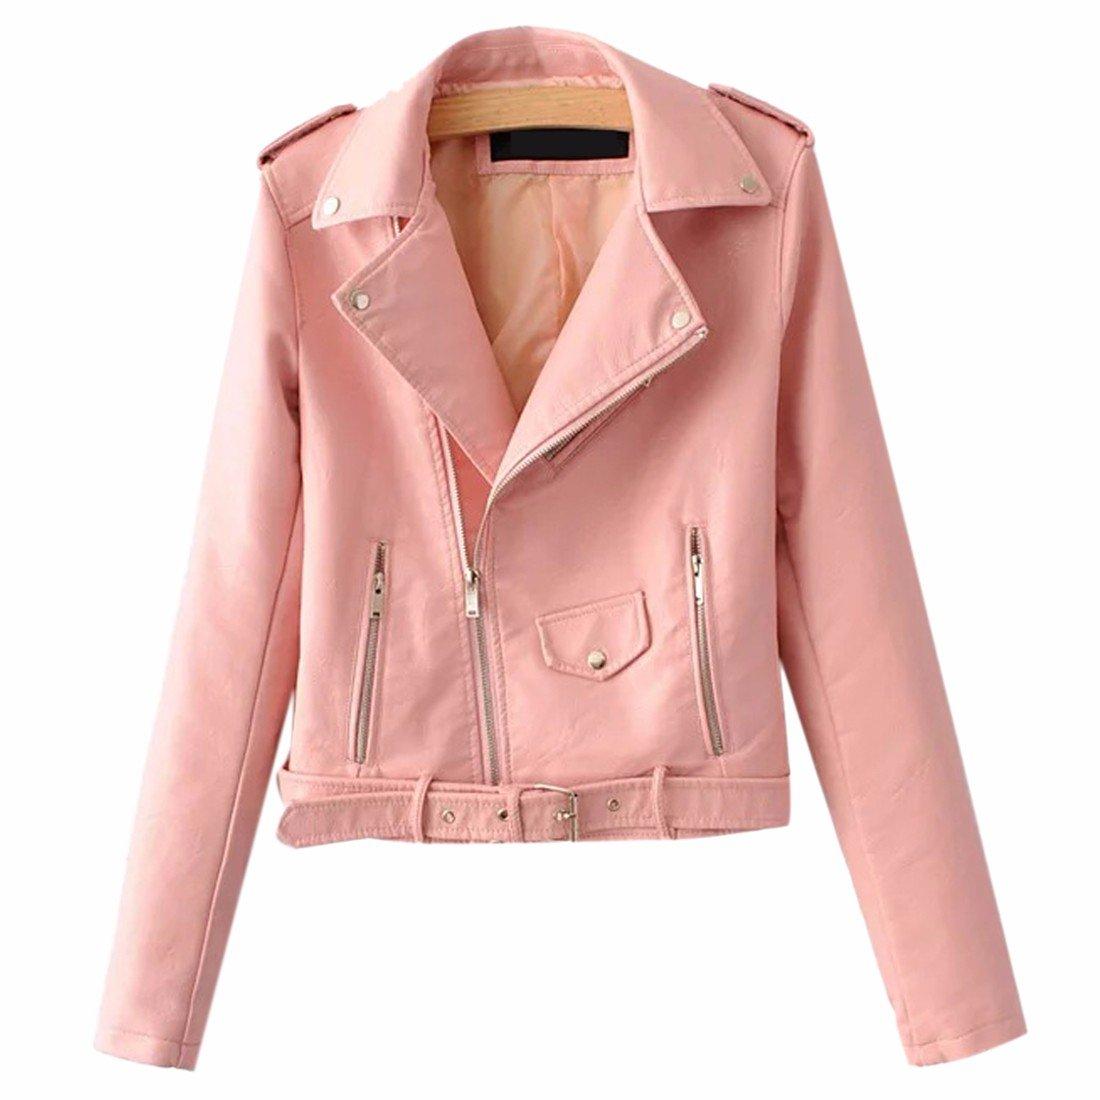 QIYUN.Z Women Long Sleeve Suede Faux Leather Jacket Zipper Belt Moto Winter Coat E9062S0022H/1ONE